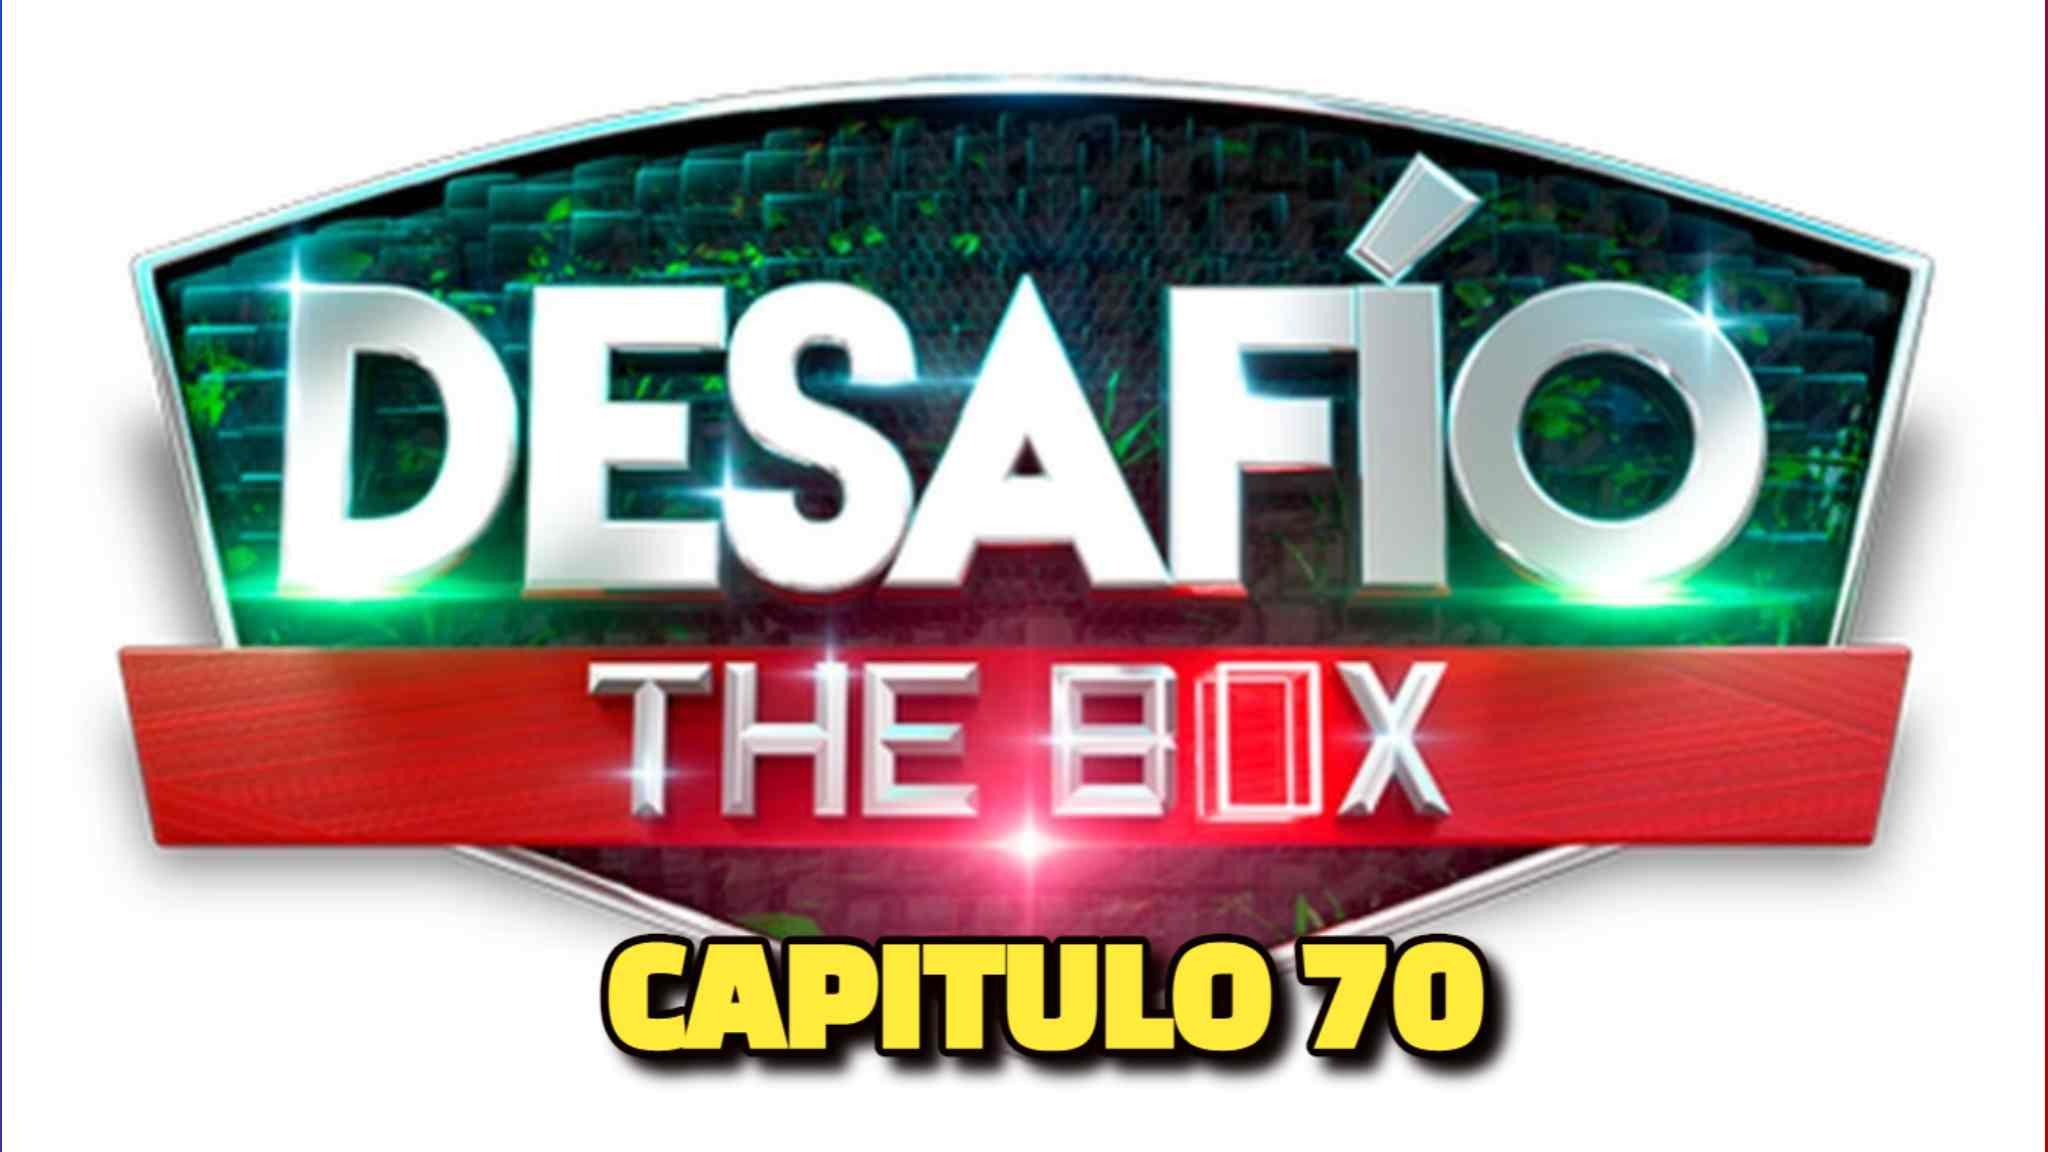 Desafio The Box 2021 CAPITULO 70